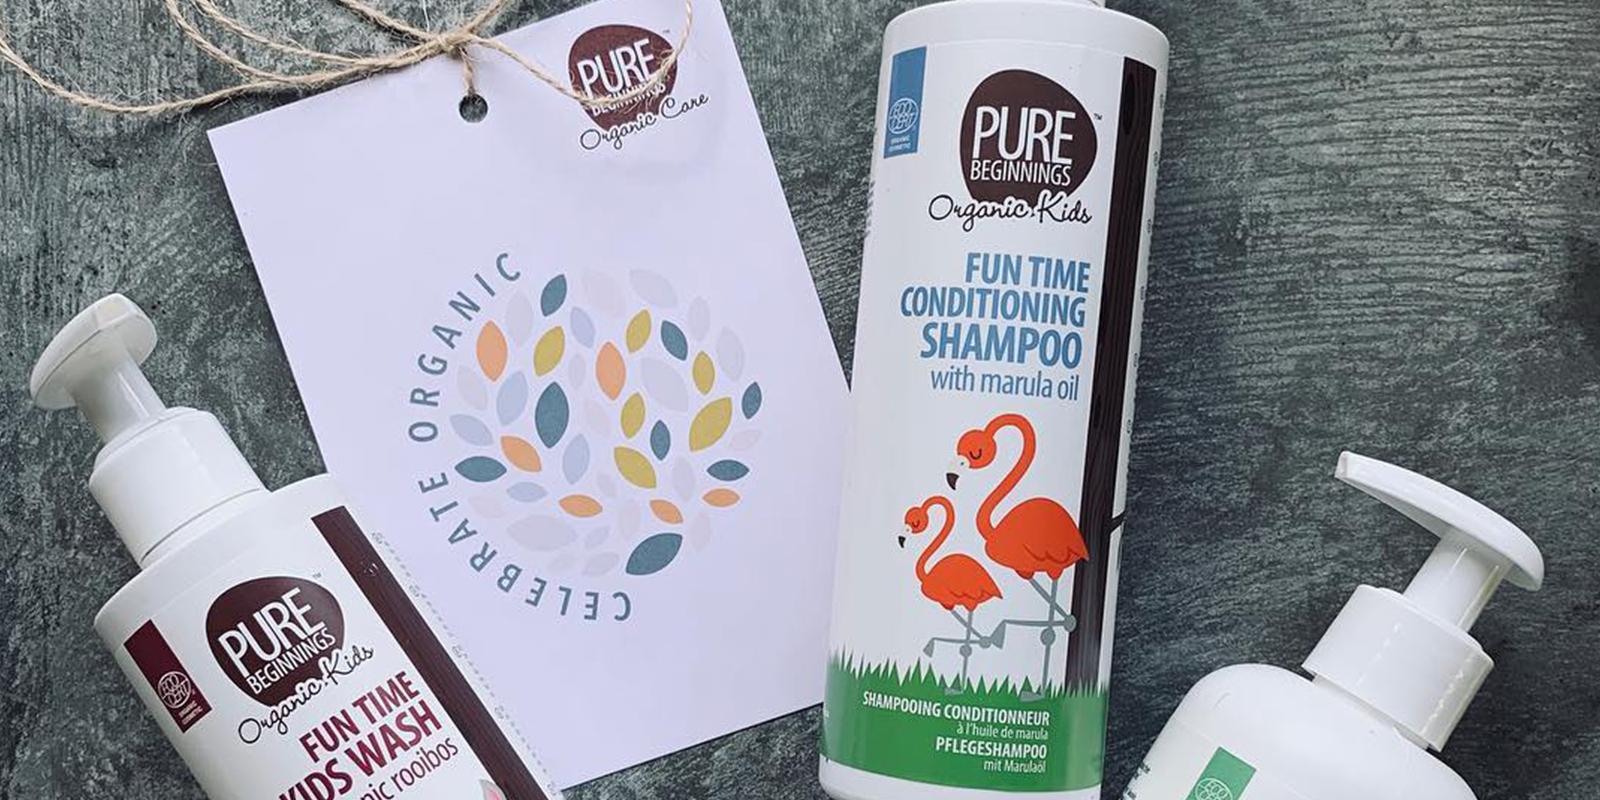 Produkty Pure Beginnings se štítkem